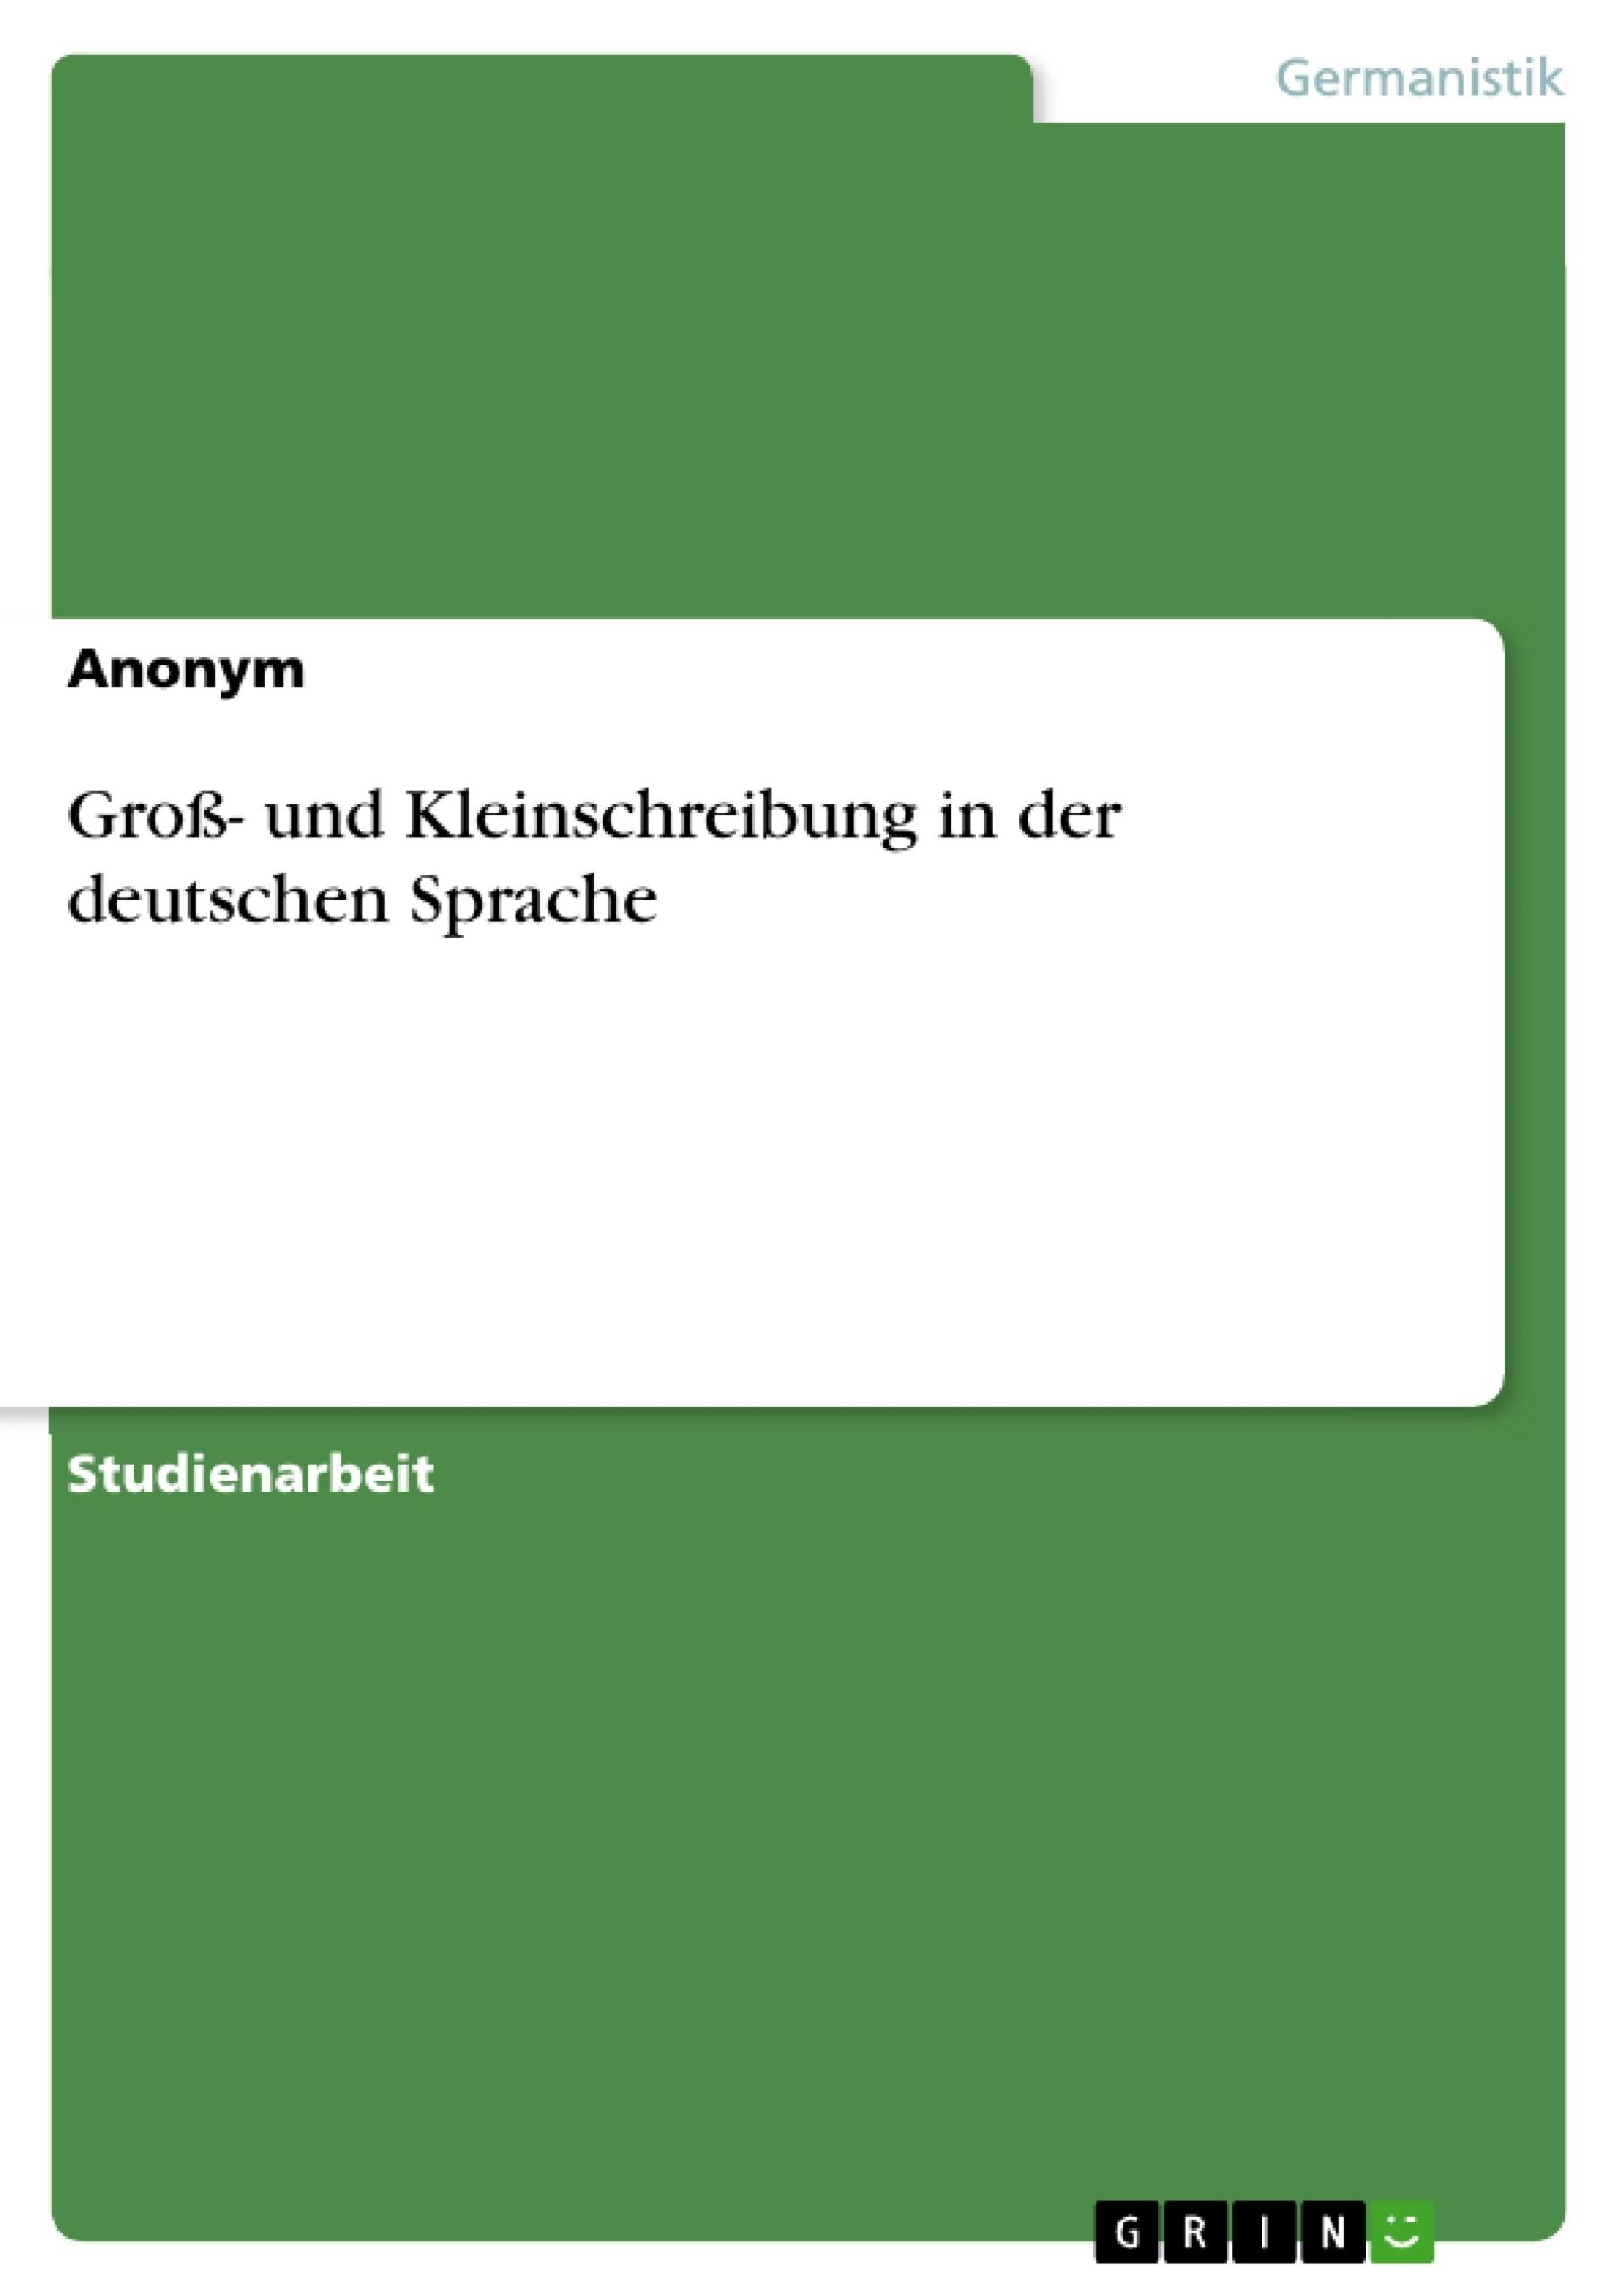 Titel: Groß- und Kleinschreibung in der deutschen Sprache